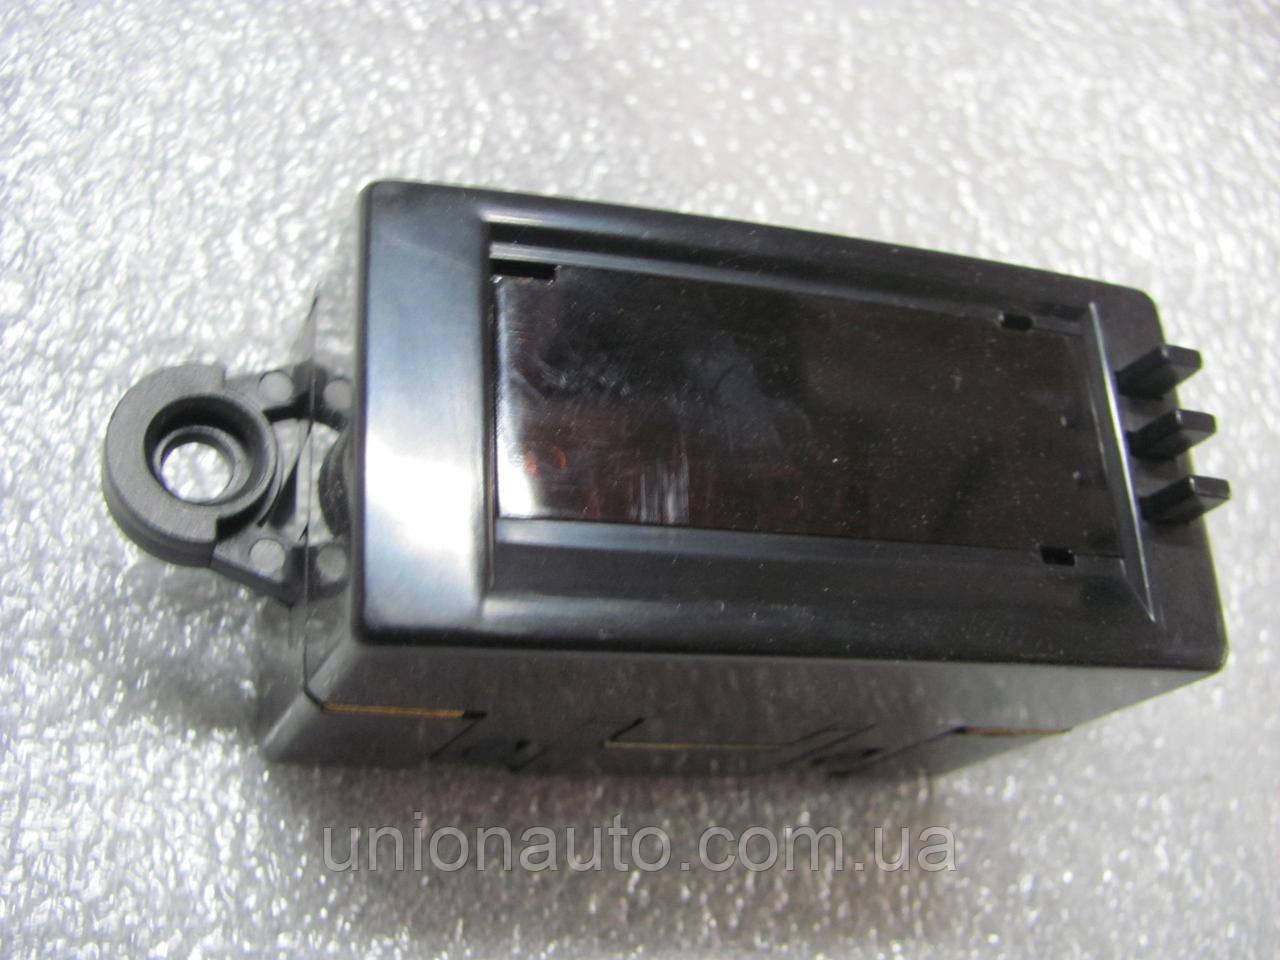 Информационный дисплей -06 KIA Sorento 2002-2009